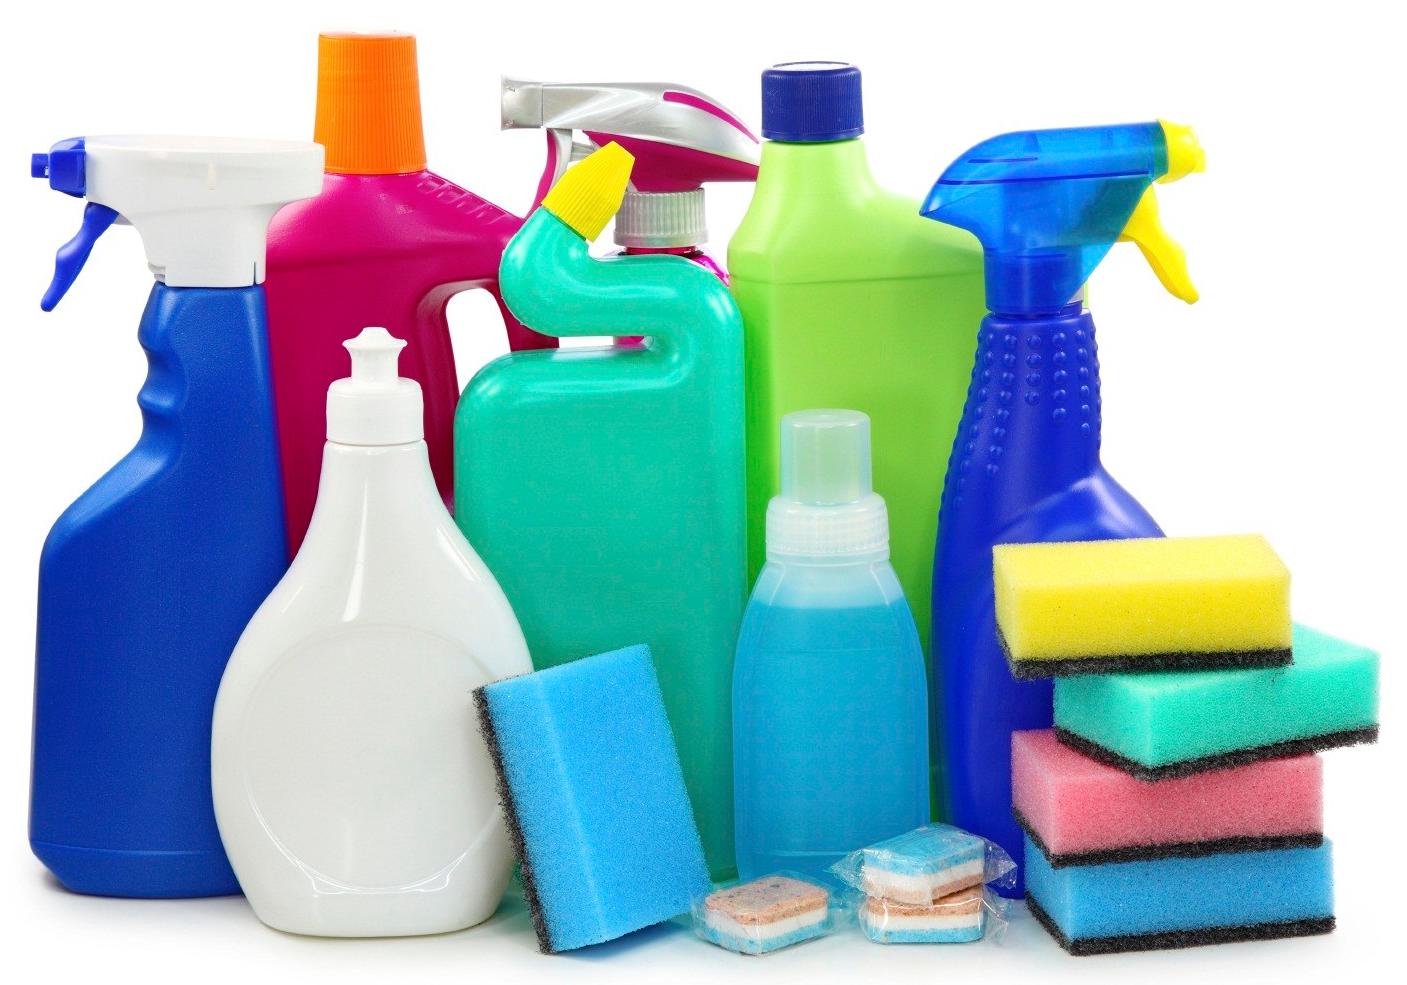 فقط از یک نوع ماده شستشو برای تمیز کردن خانه استفاده کنید